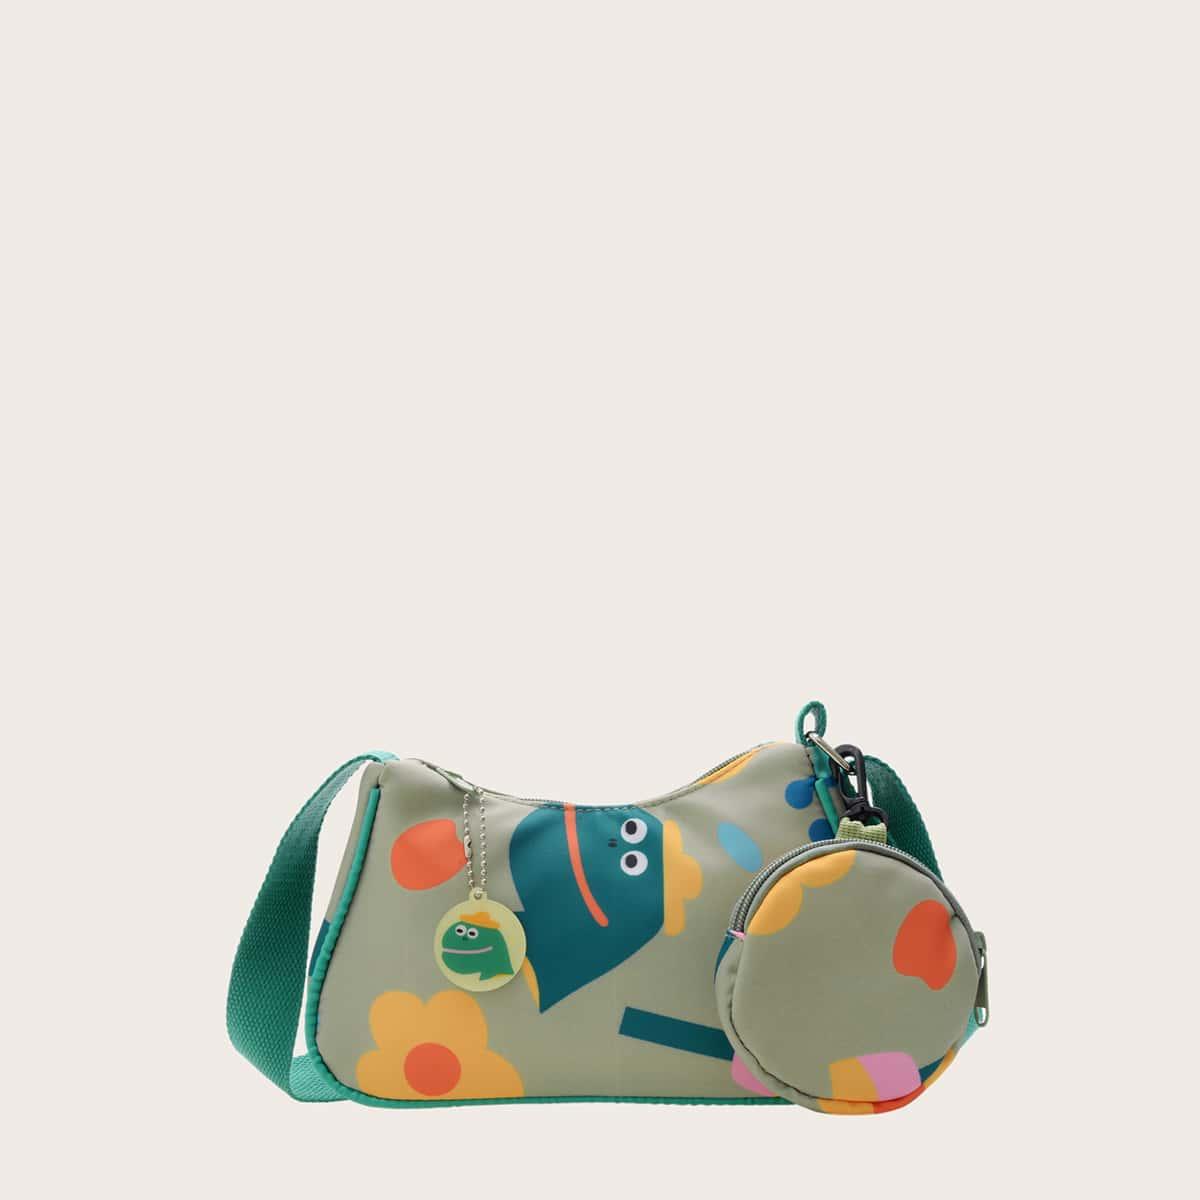 Детская сумка через плечо с мультипликационным узором и кошельком для монет SheIn sk2108098207897559